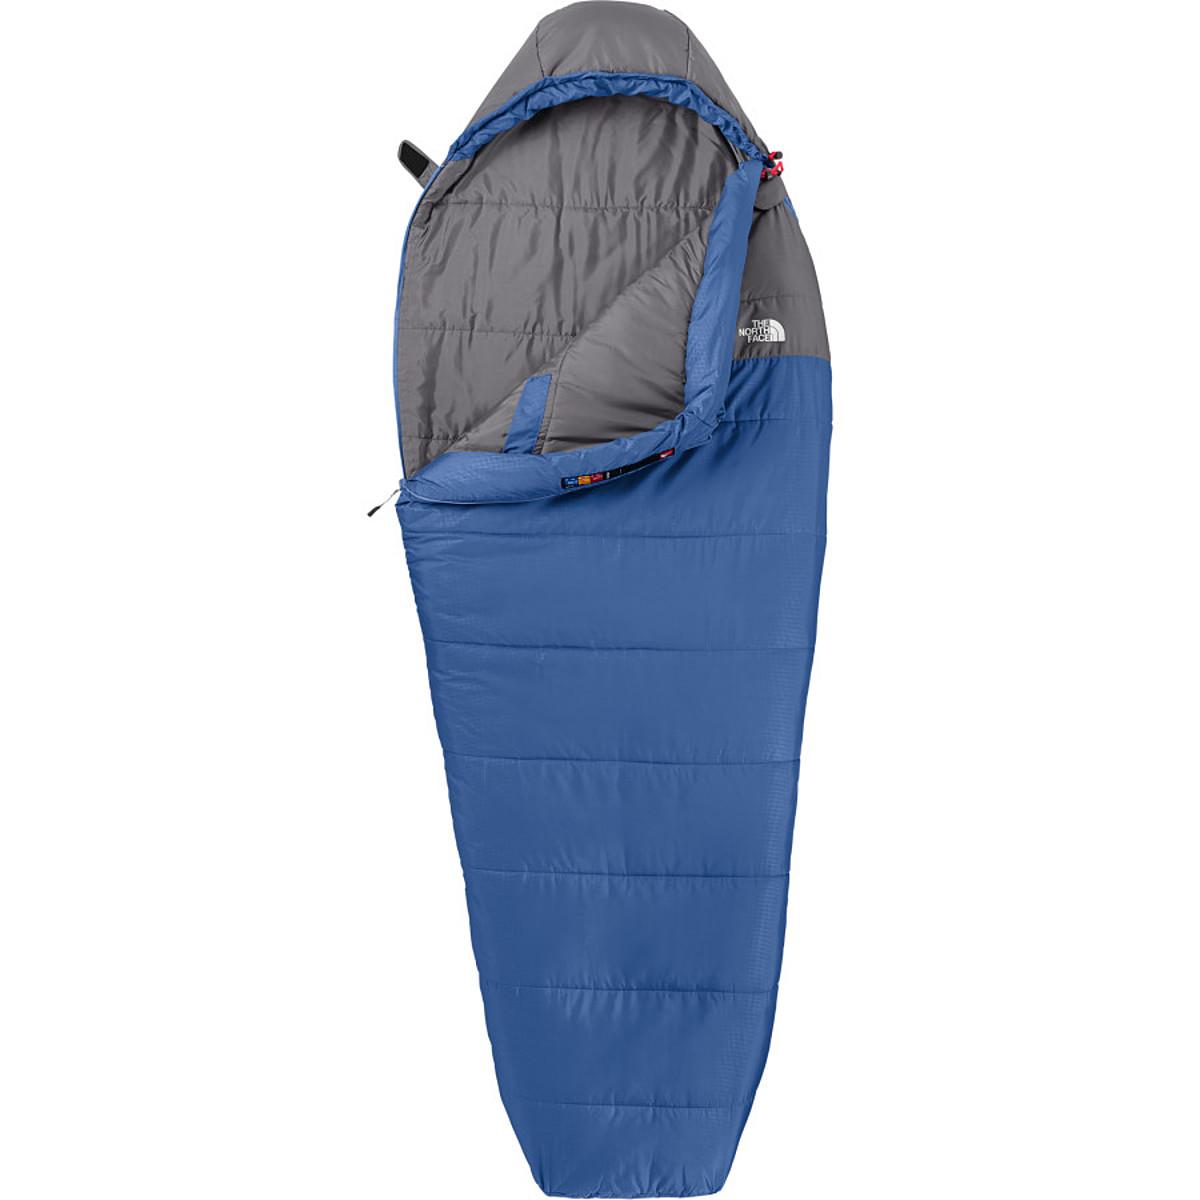 photo: The North Face Men's Aleutian 3S Bx 3-season synthetic sleeping bag